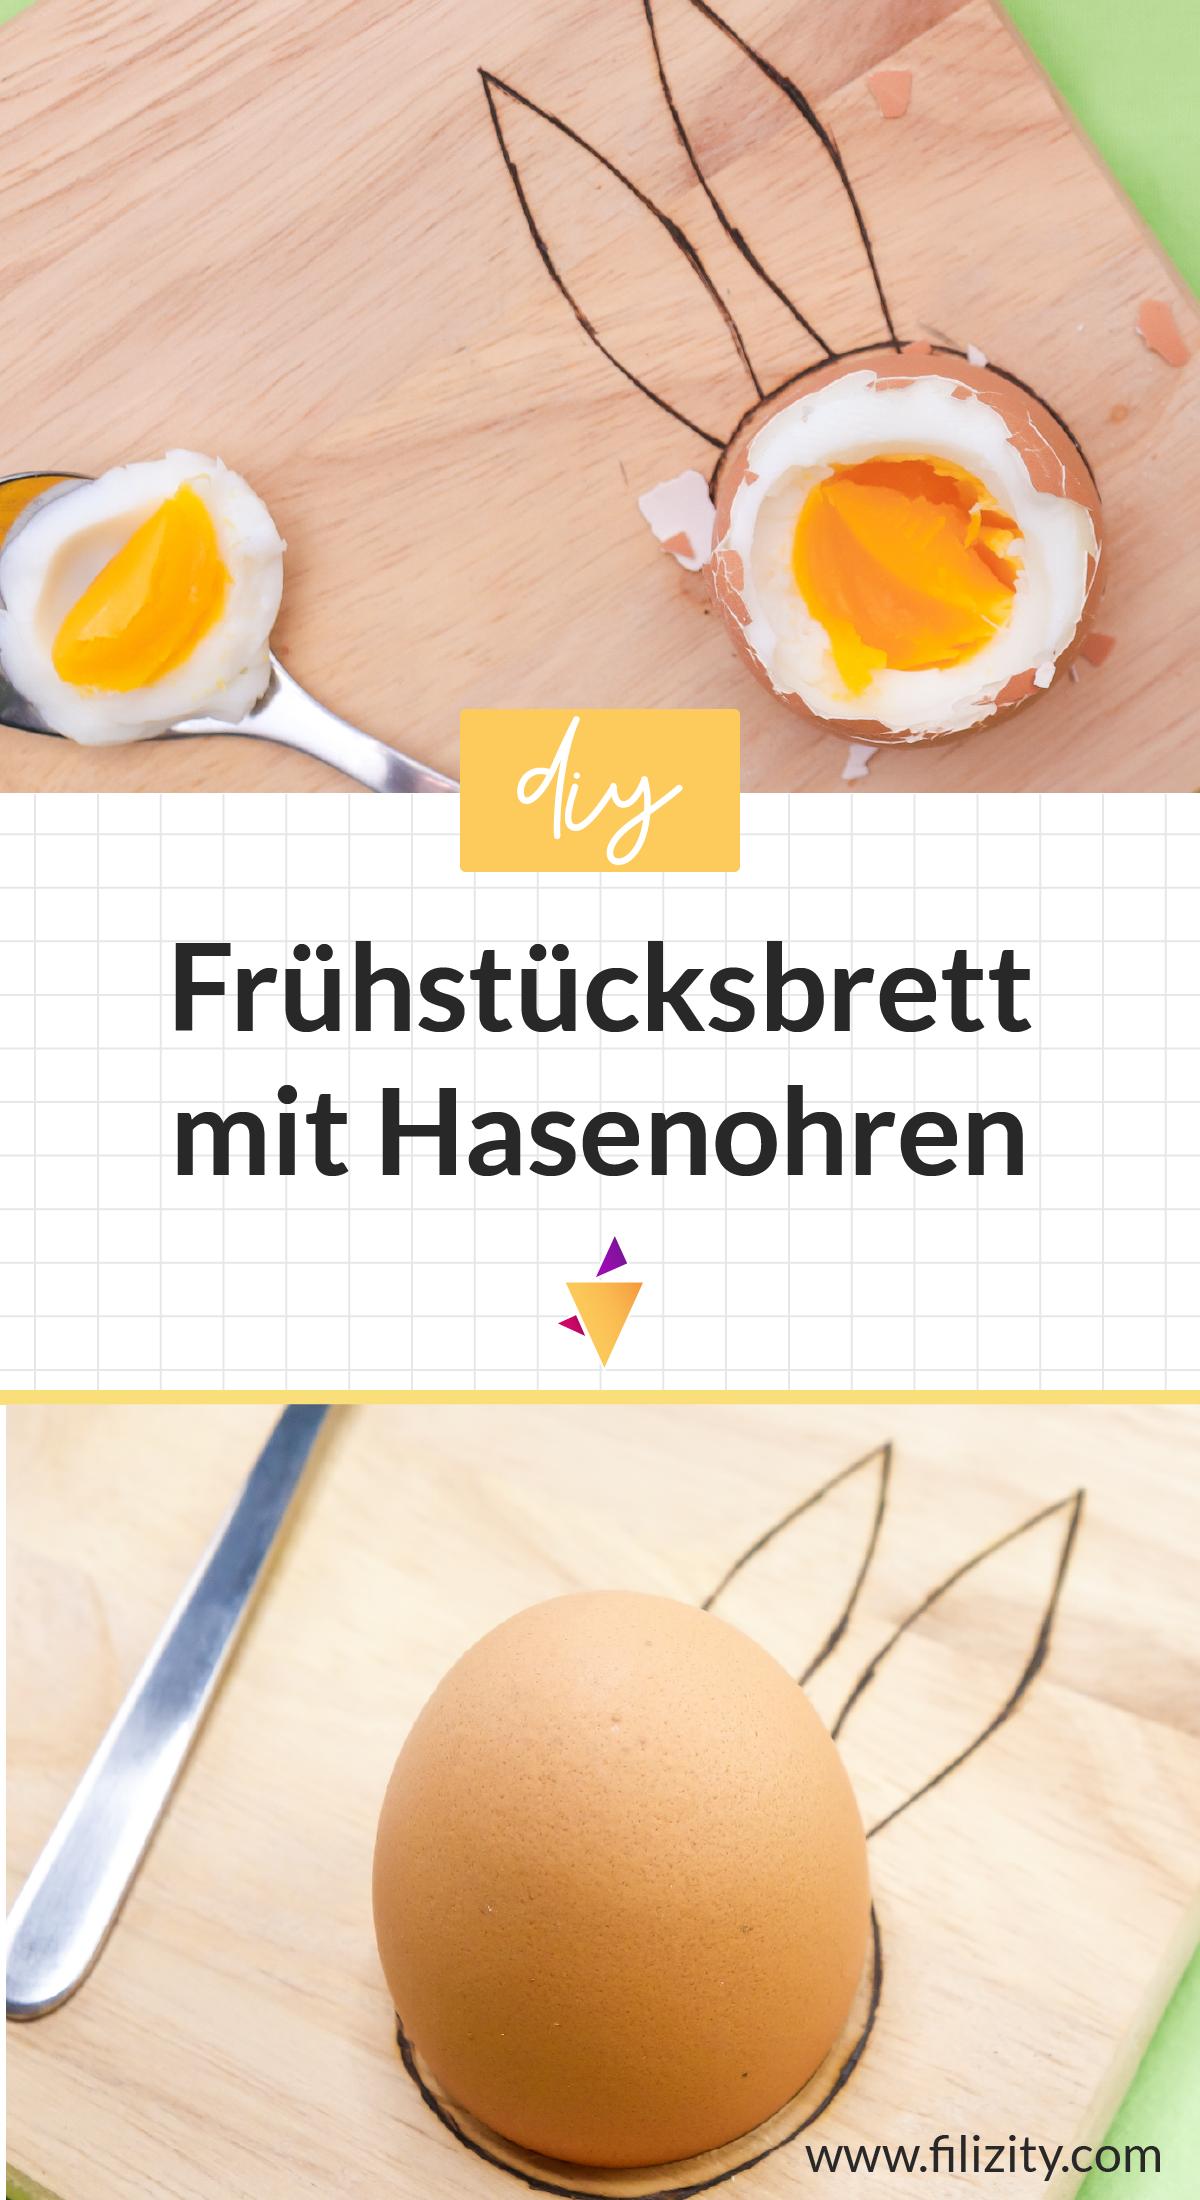 DIY: Osterhasen-Frühstücksbrett selber machen - Tolle DIY Idee für den Osterbrunch | Filizity.com - Kreativmagazin aus dem Rheinland #ostern #diy #osterbrunch